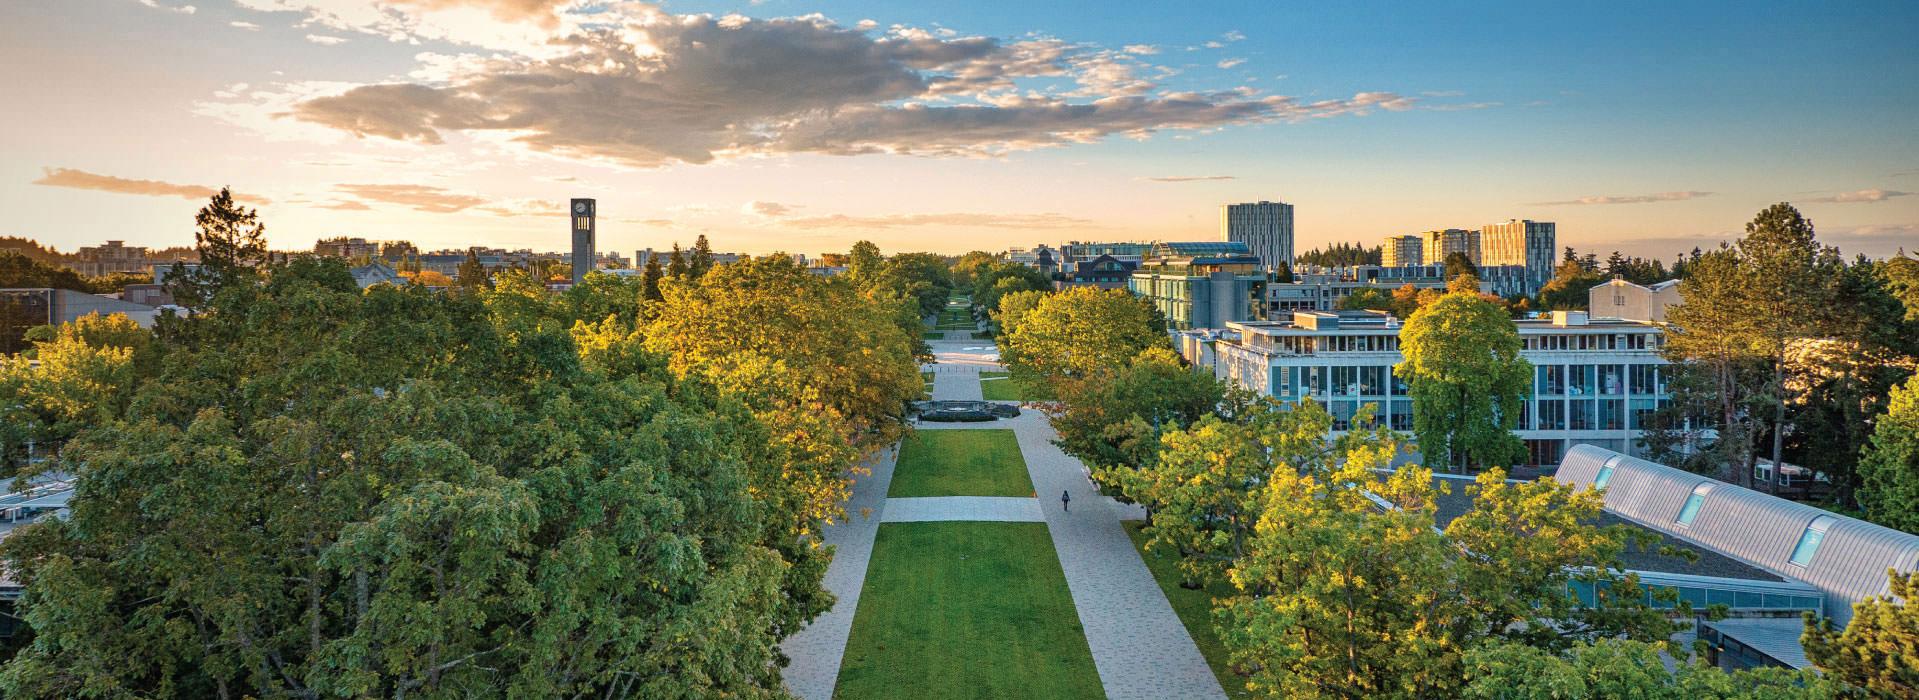 大学�ycj�i!9m�y/g9�.���_【干货分享】加拿大11所顶级大学对中国高考和会考的